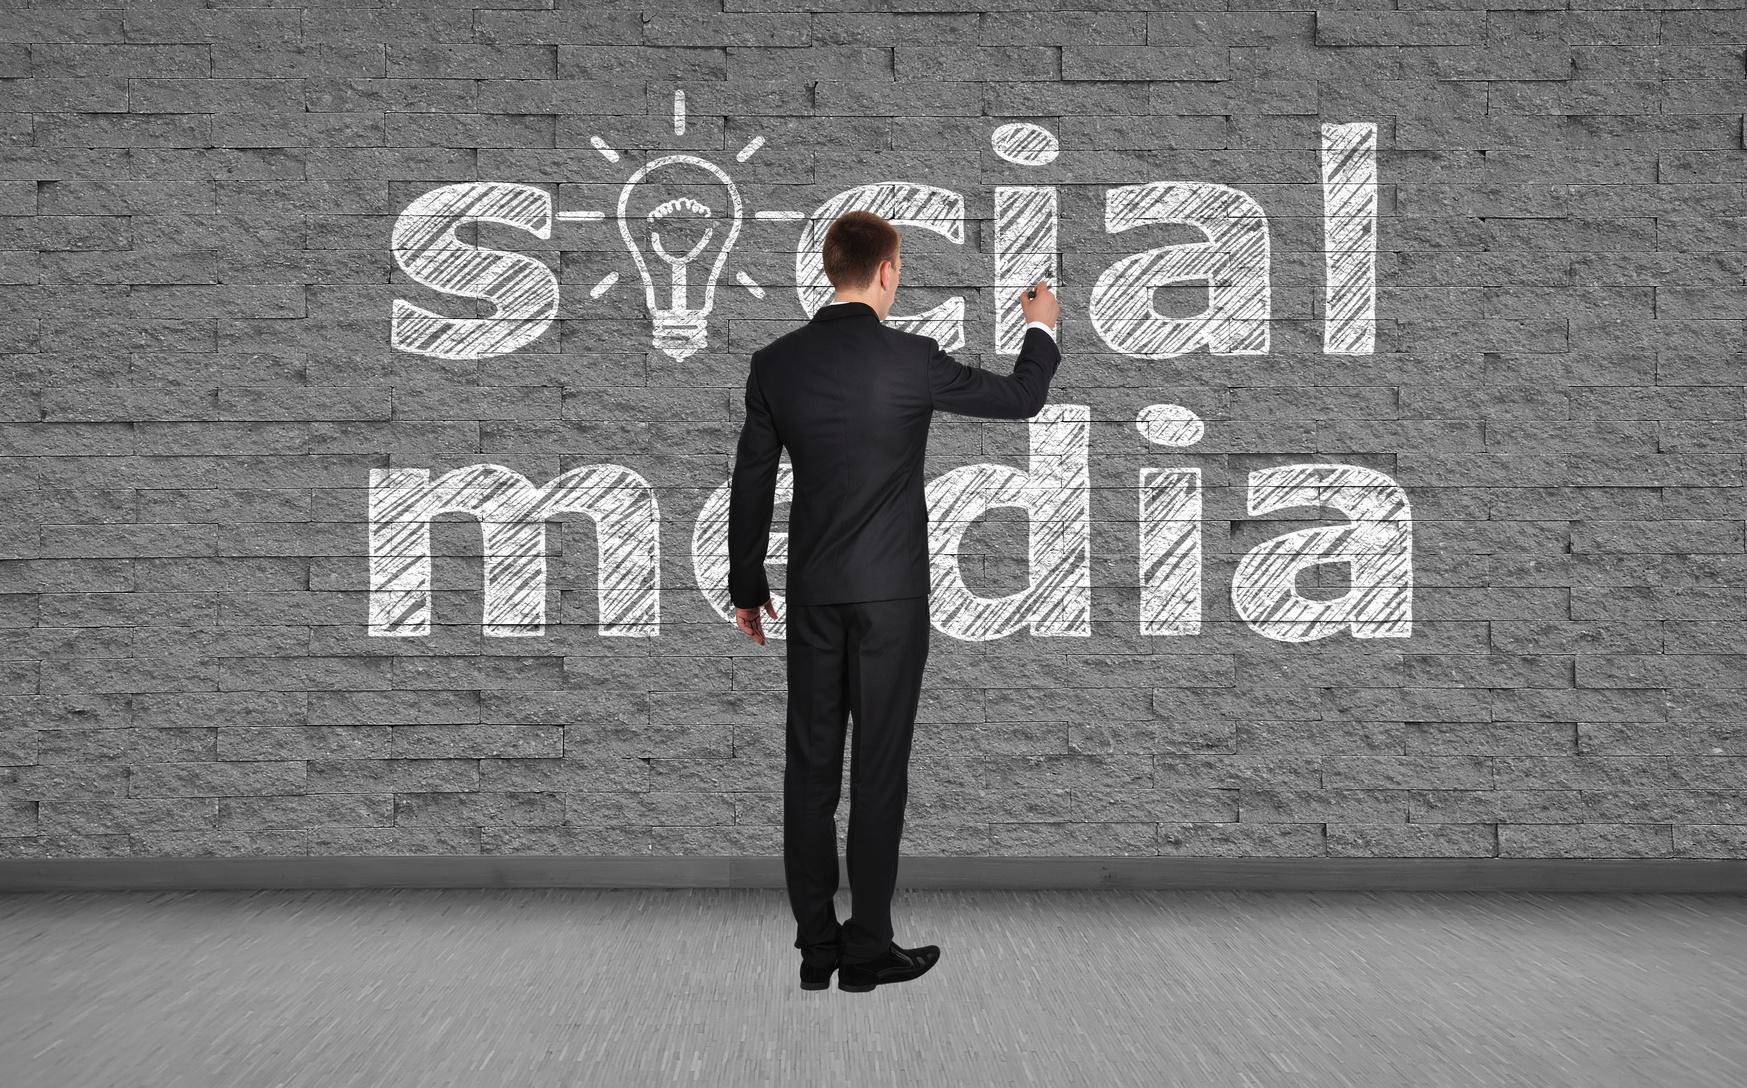 Social_Media_Wall_Chalk